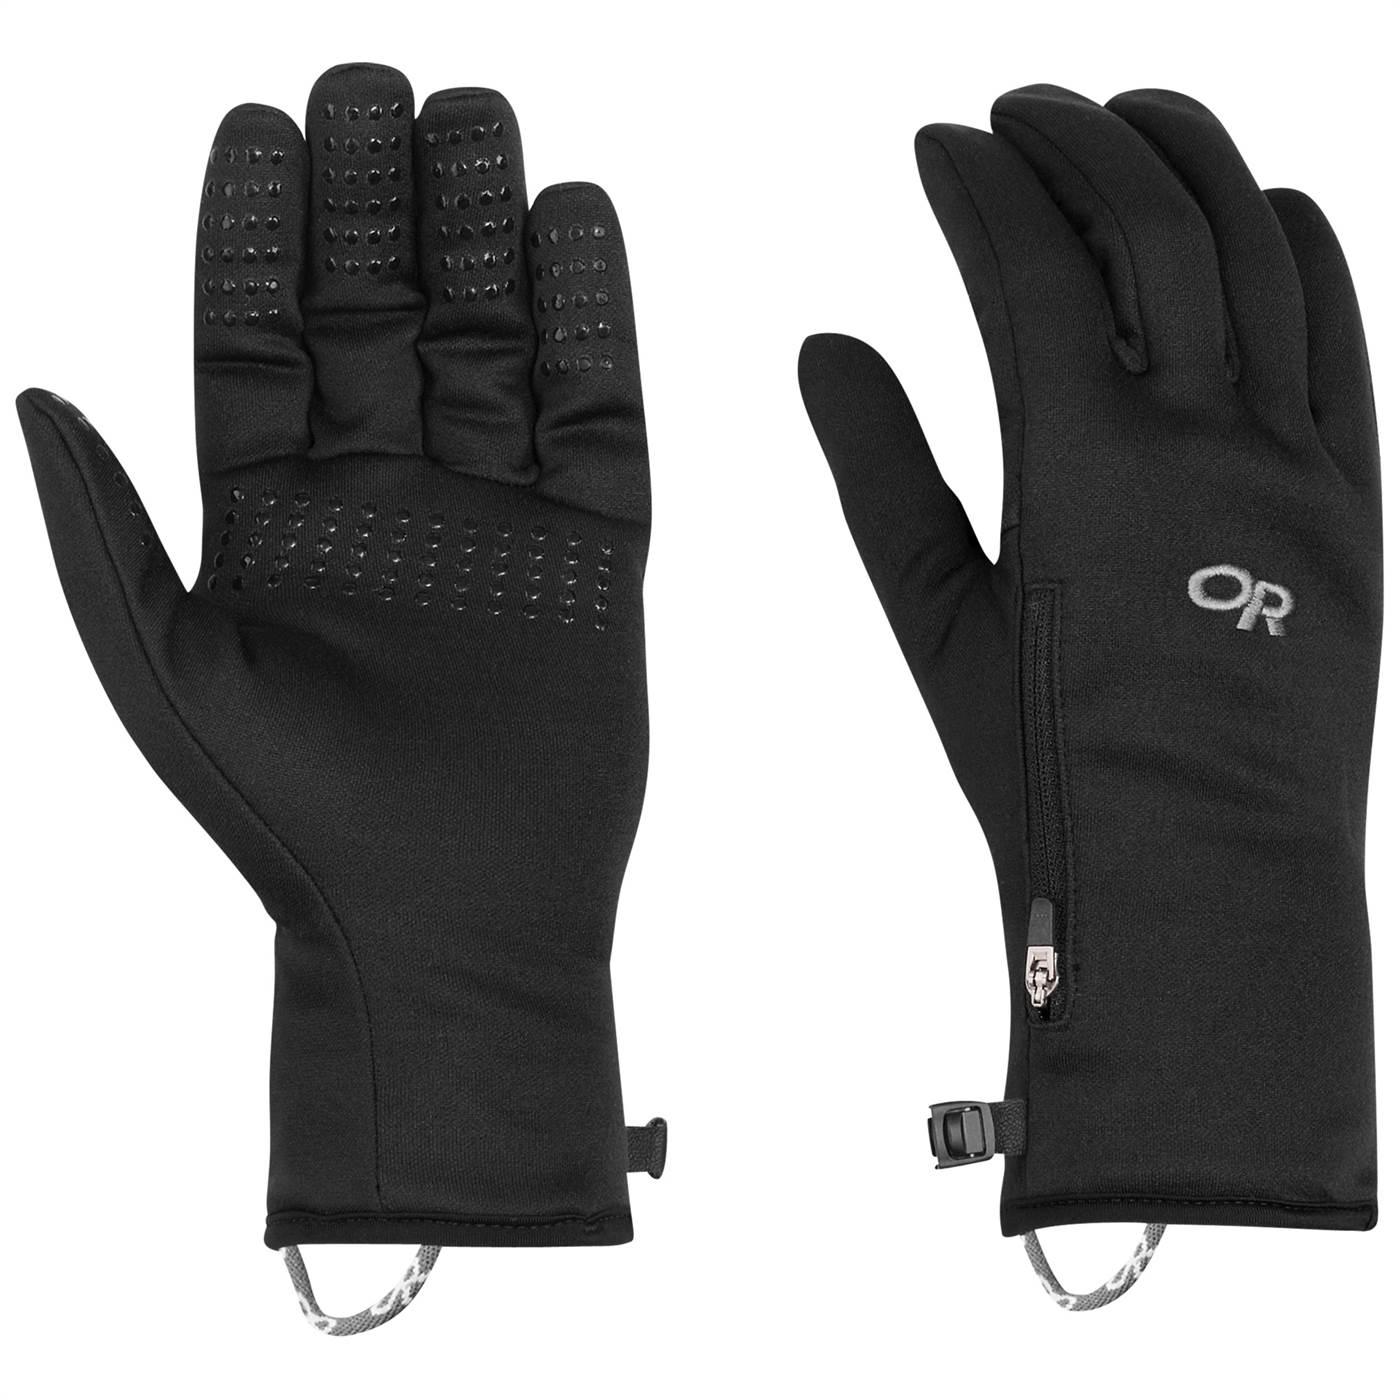 Versaliner Gloves - Men's